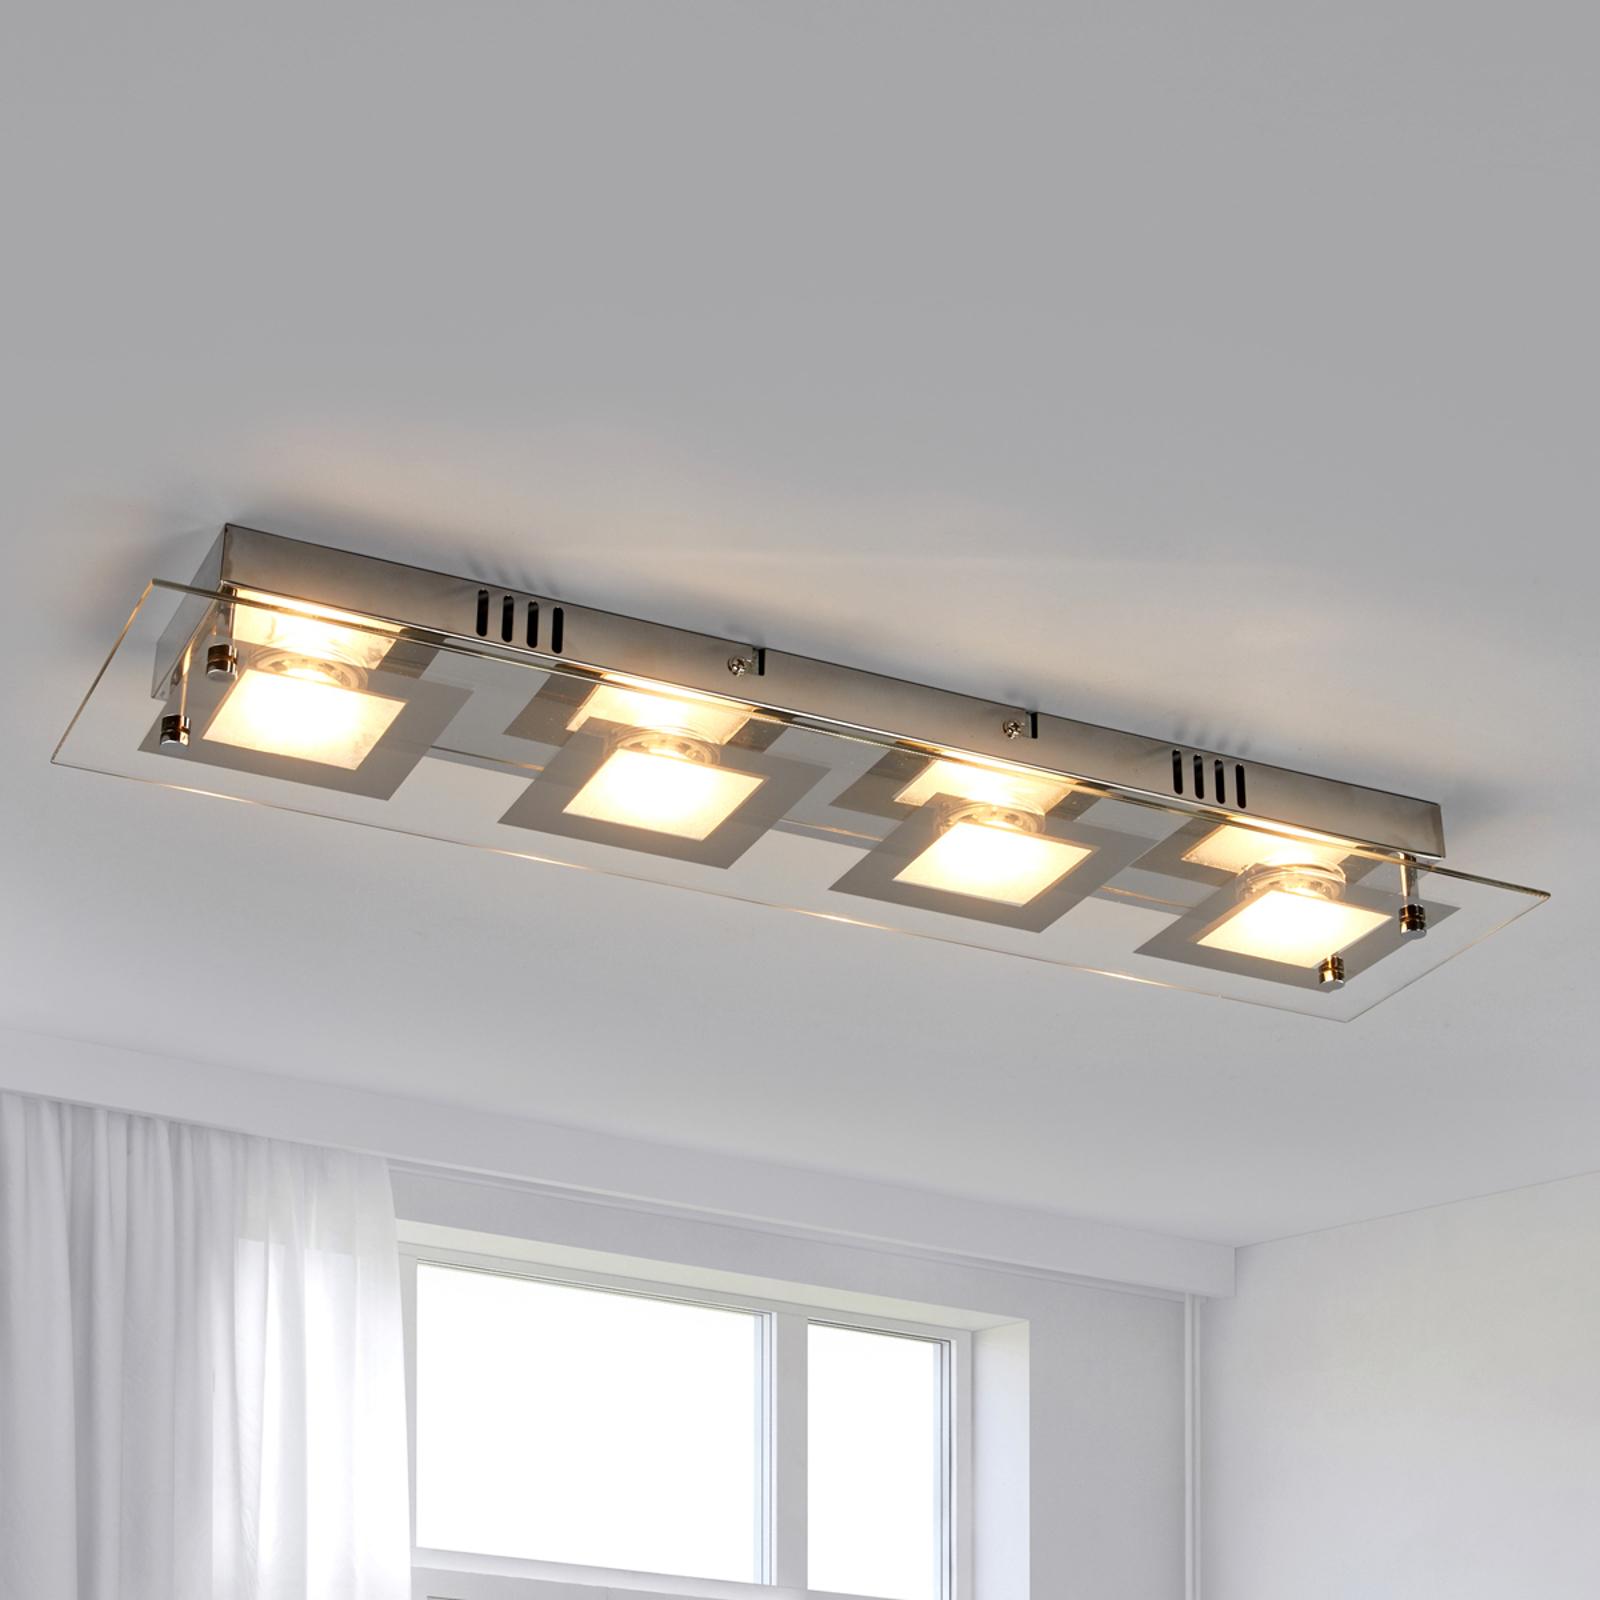 Plafonnier LED allongé Manja chromé